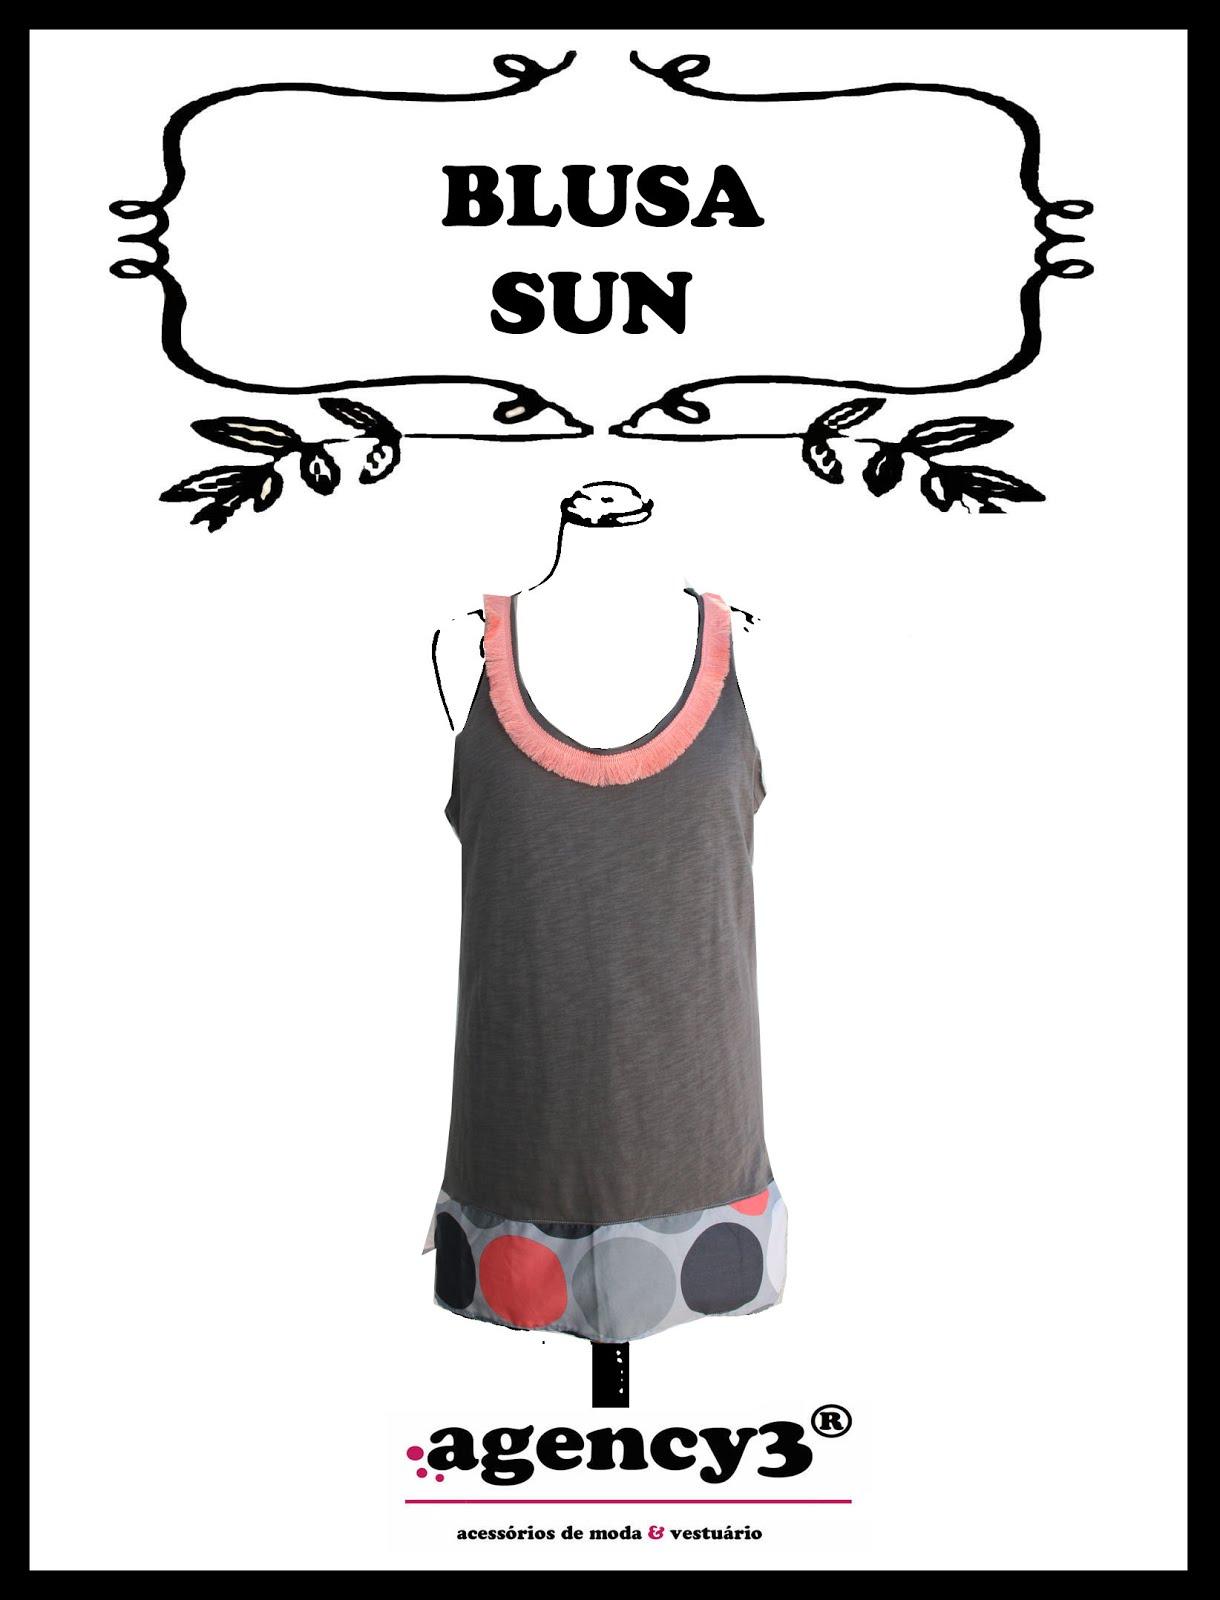 BLUSA SUN